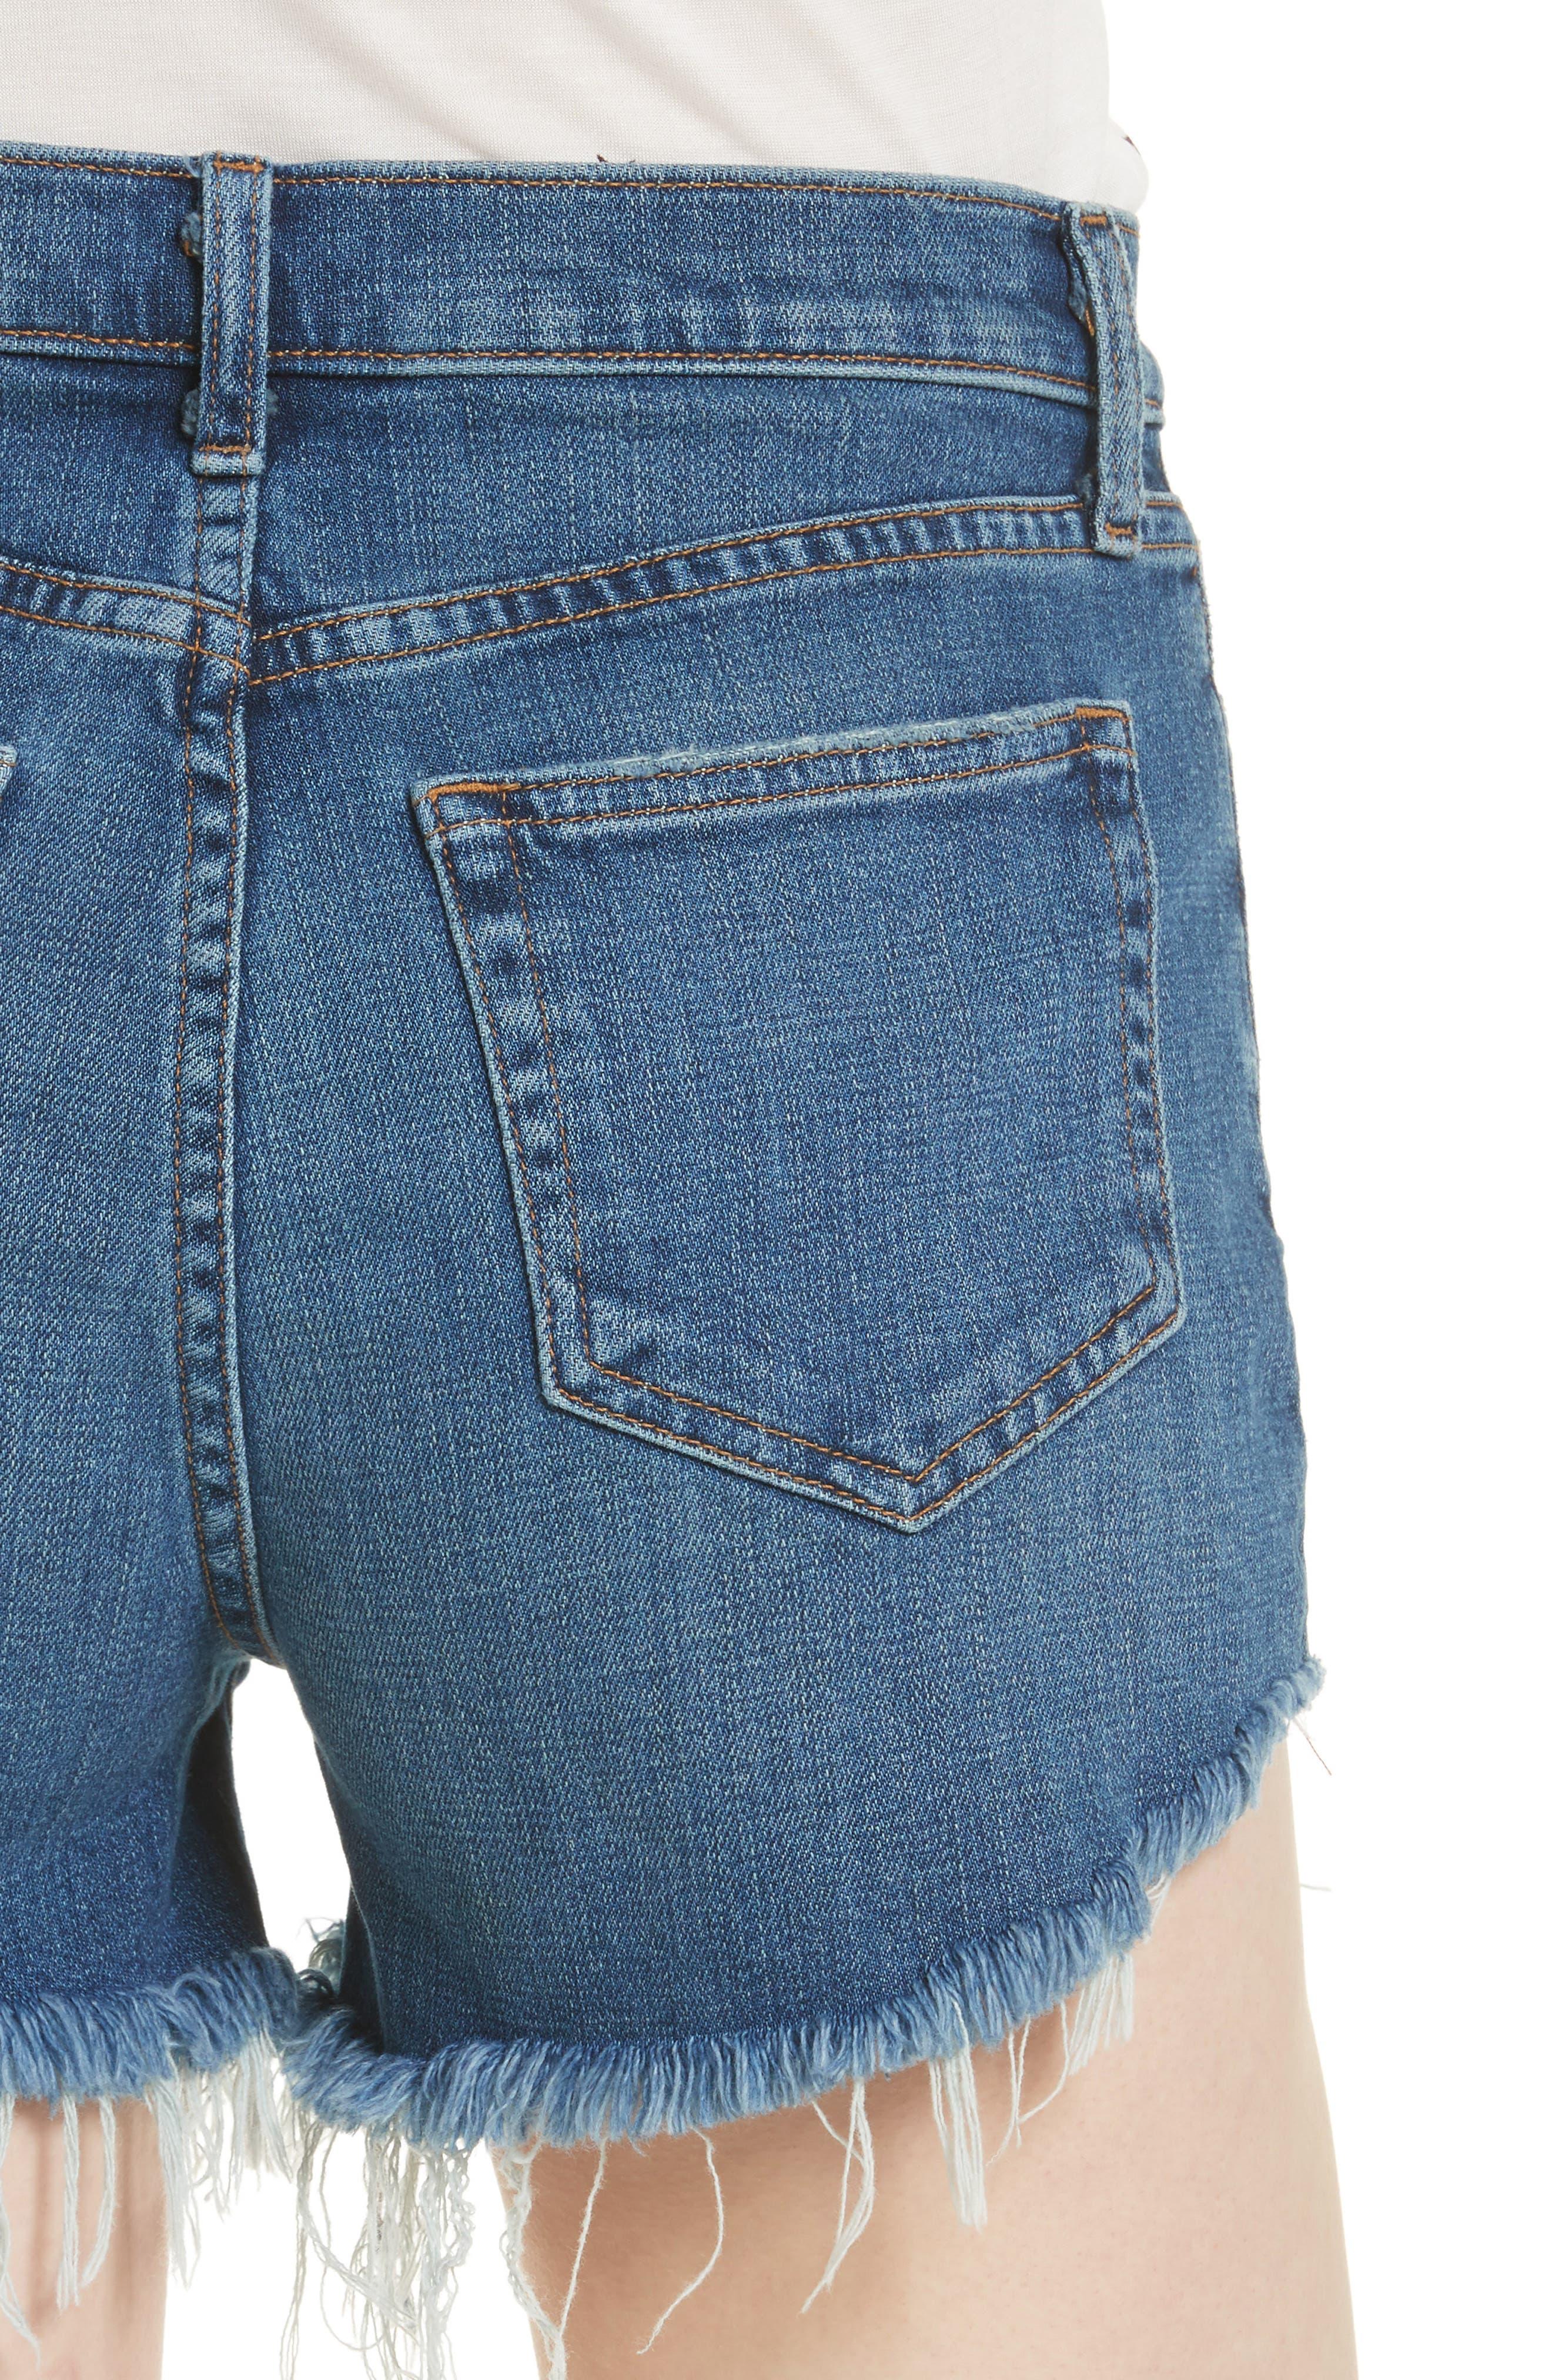 Ryland High Waist Denim Shorts,                             Alternate thumbnail 4, color,                             AUTHENTIQUE